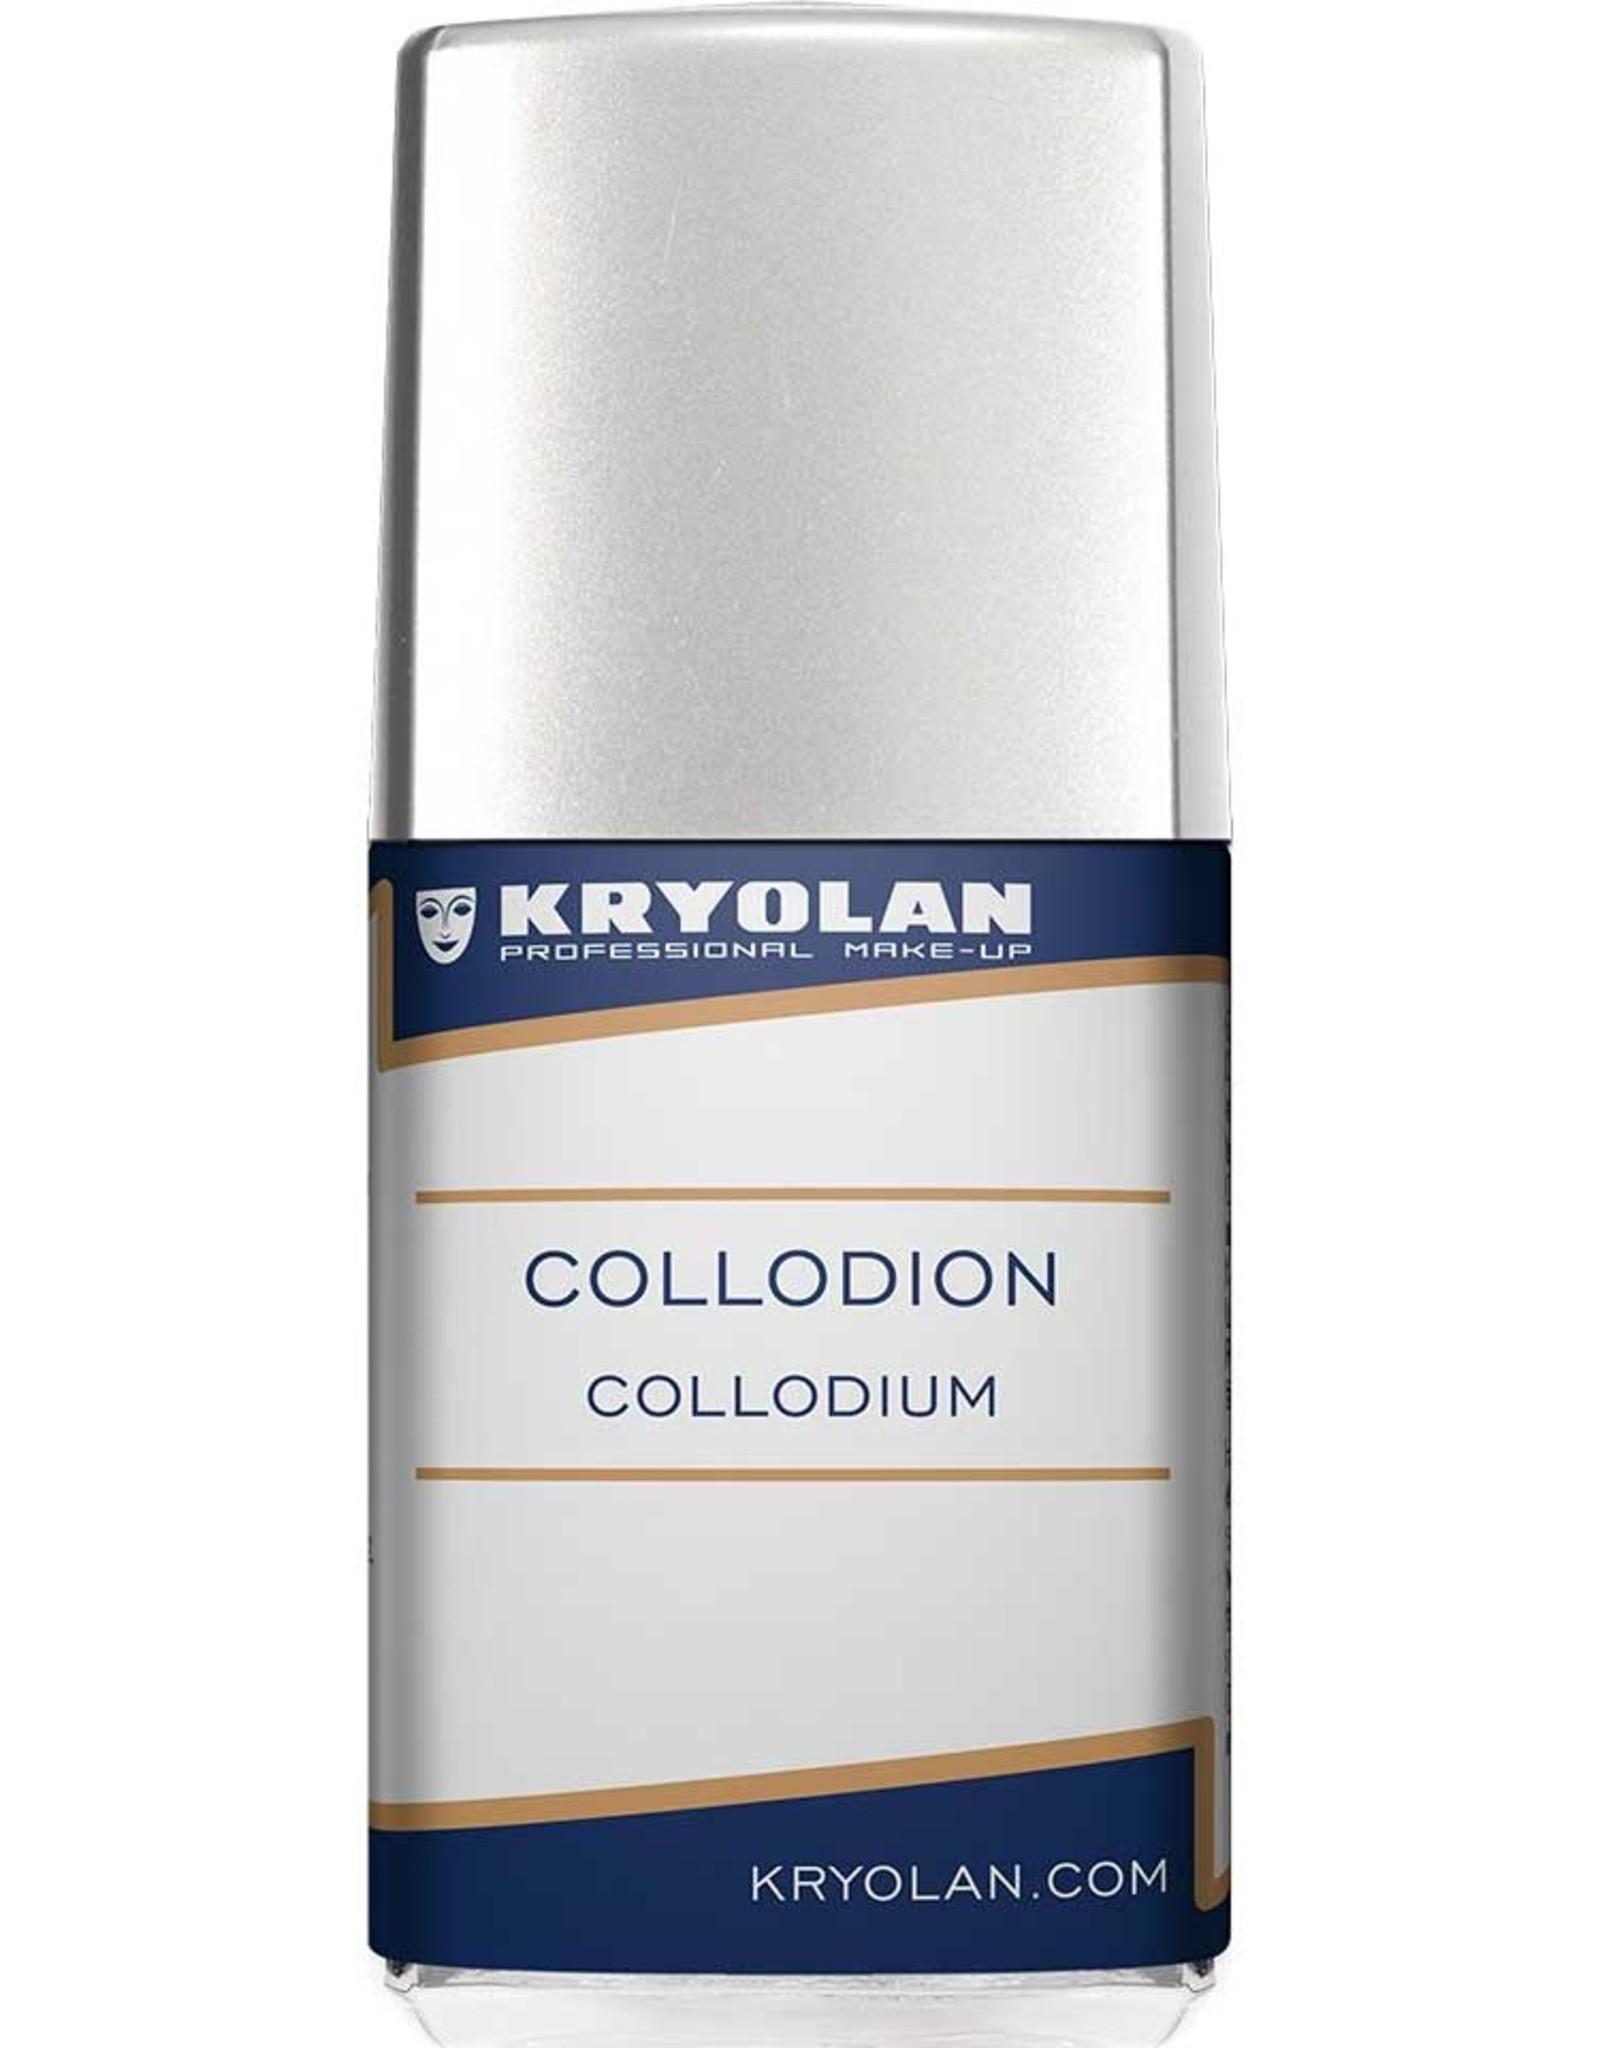 Kryolan FX-RIGID COLLODION, 11 MIL